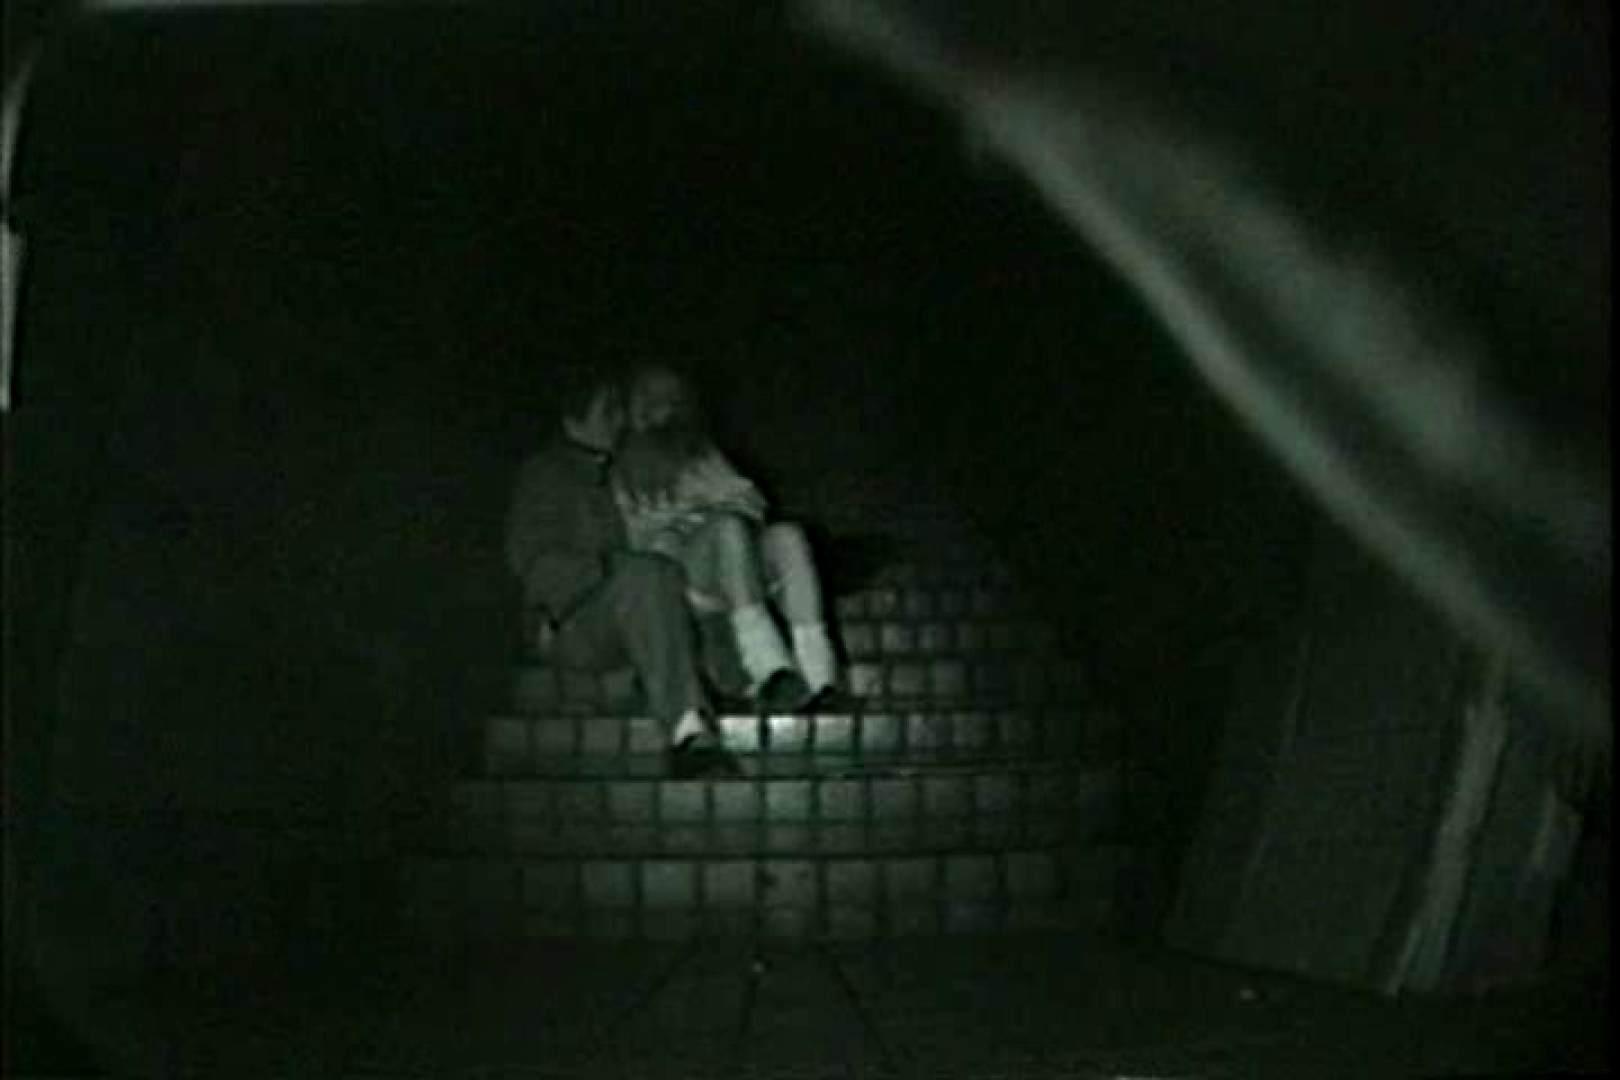 闇の仕掛け人 無修正版 Vol.17 セックス オマンコ動画キャプチャ 75PIX 2